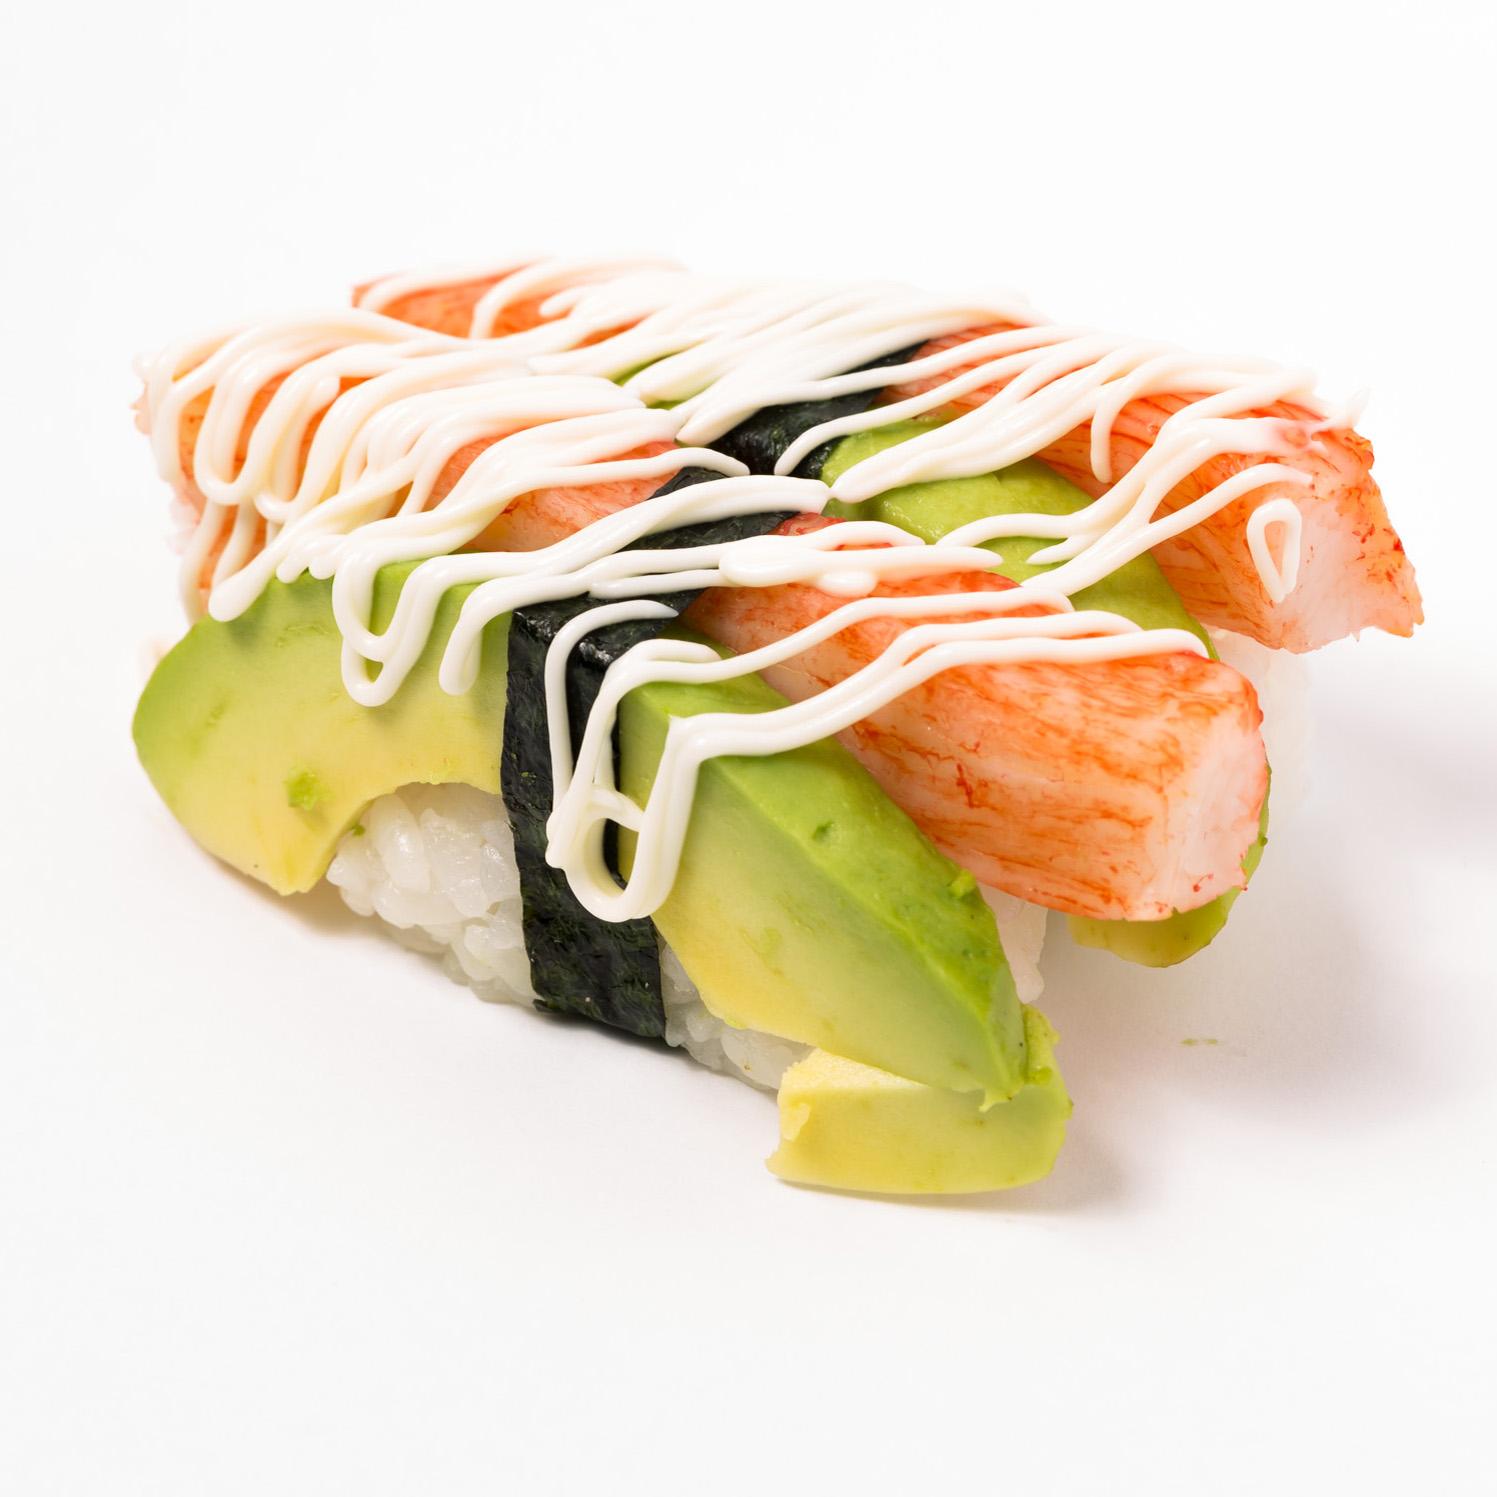 Kanikama & avocado Nigiri